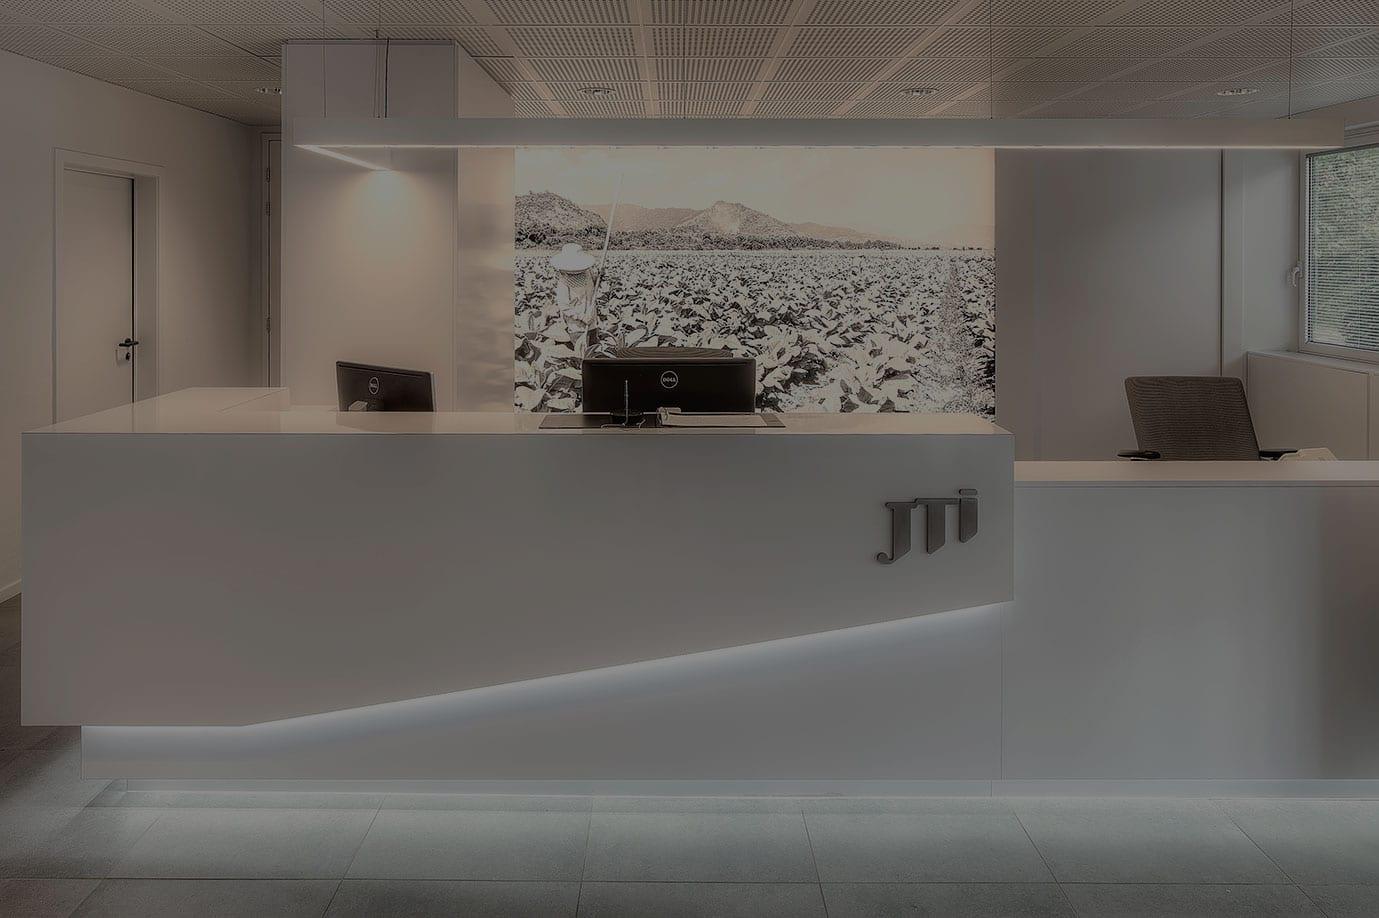 kantoor-inrichting-1